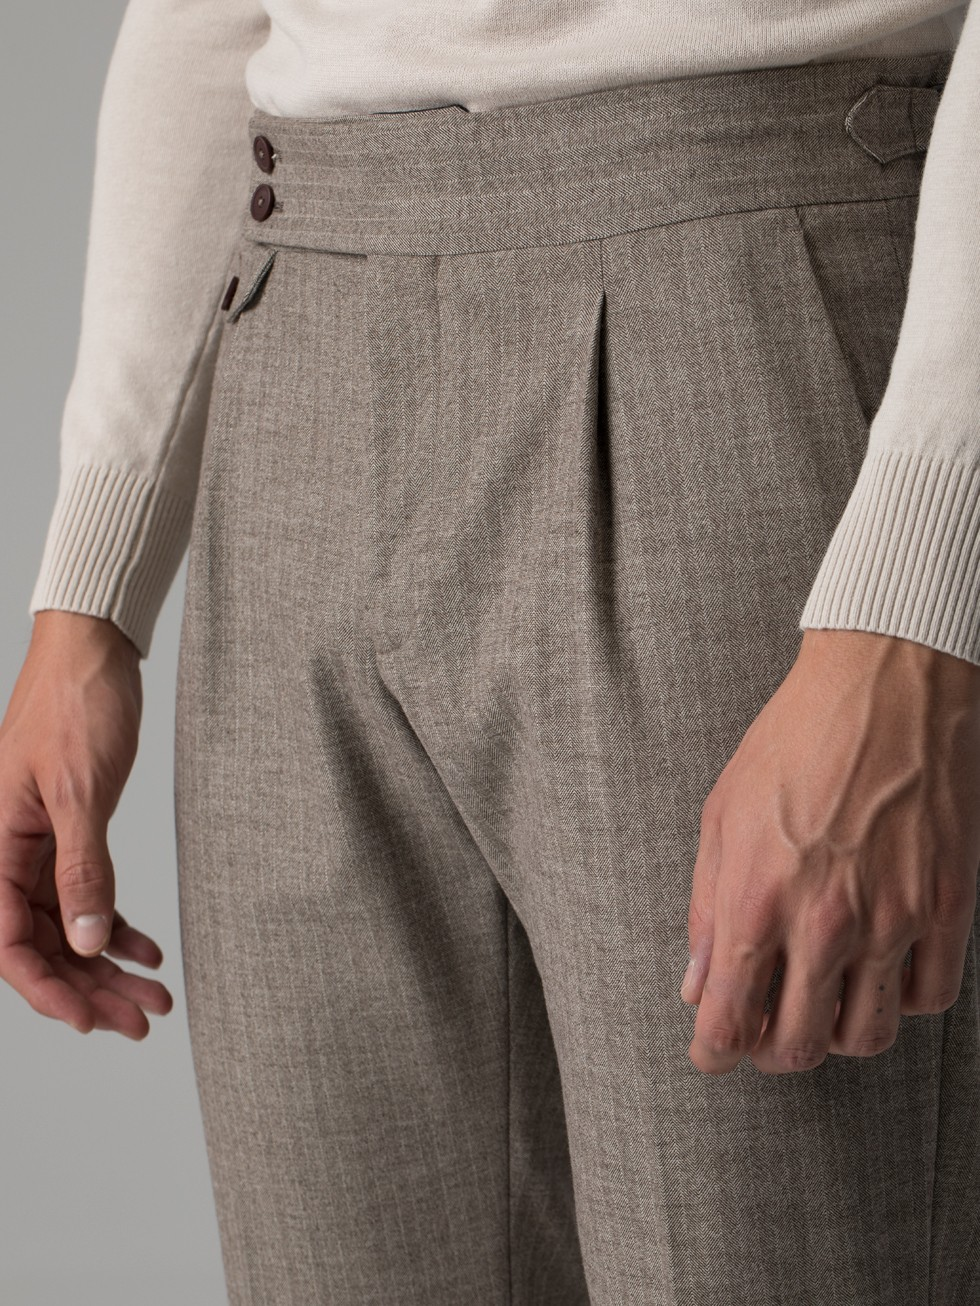 Pantalón tailored espiga tostado